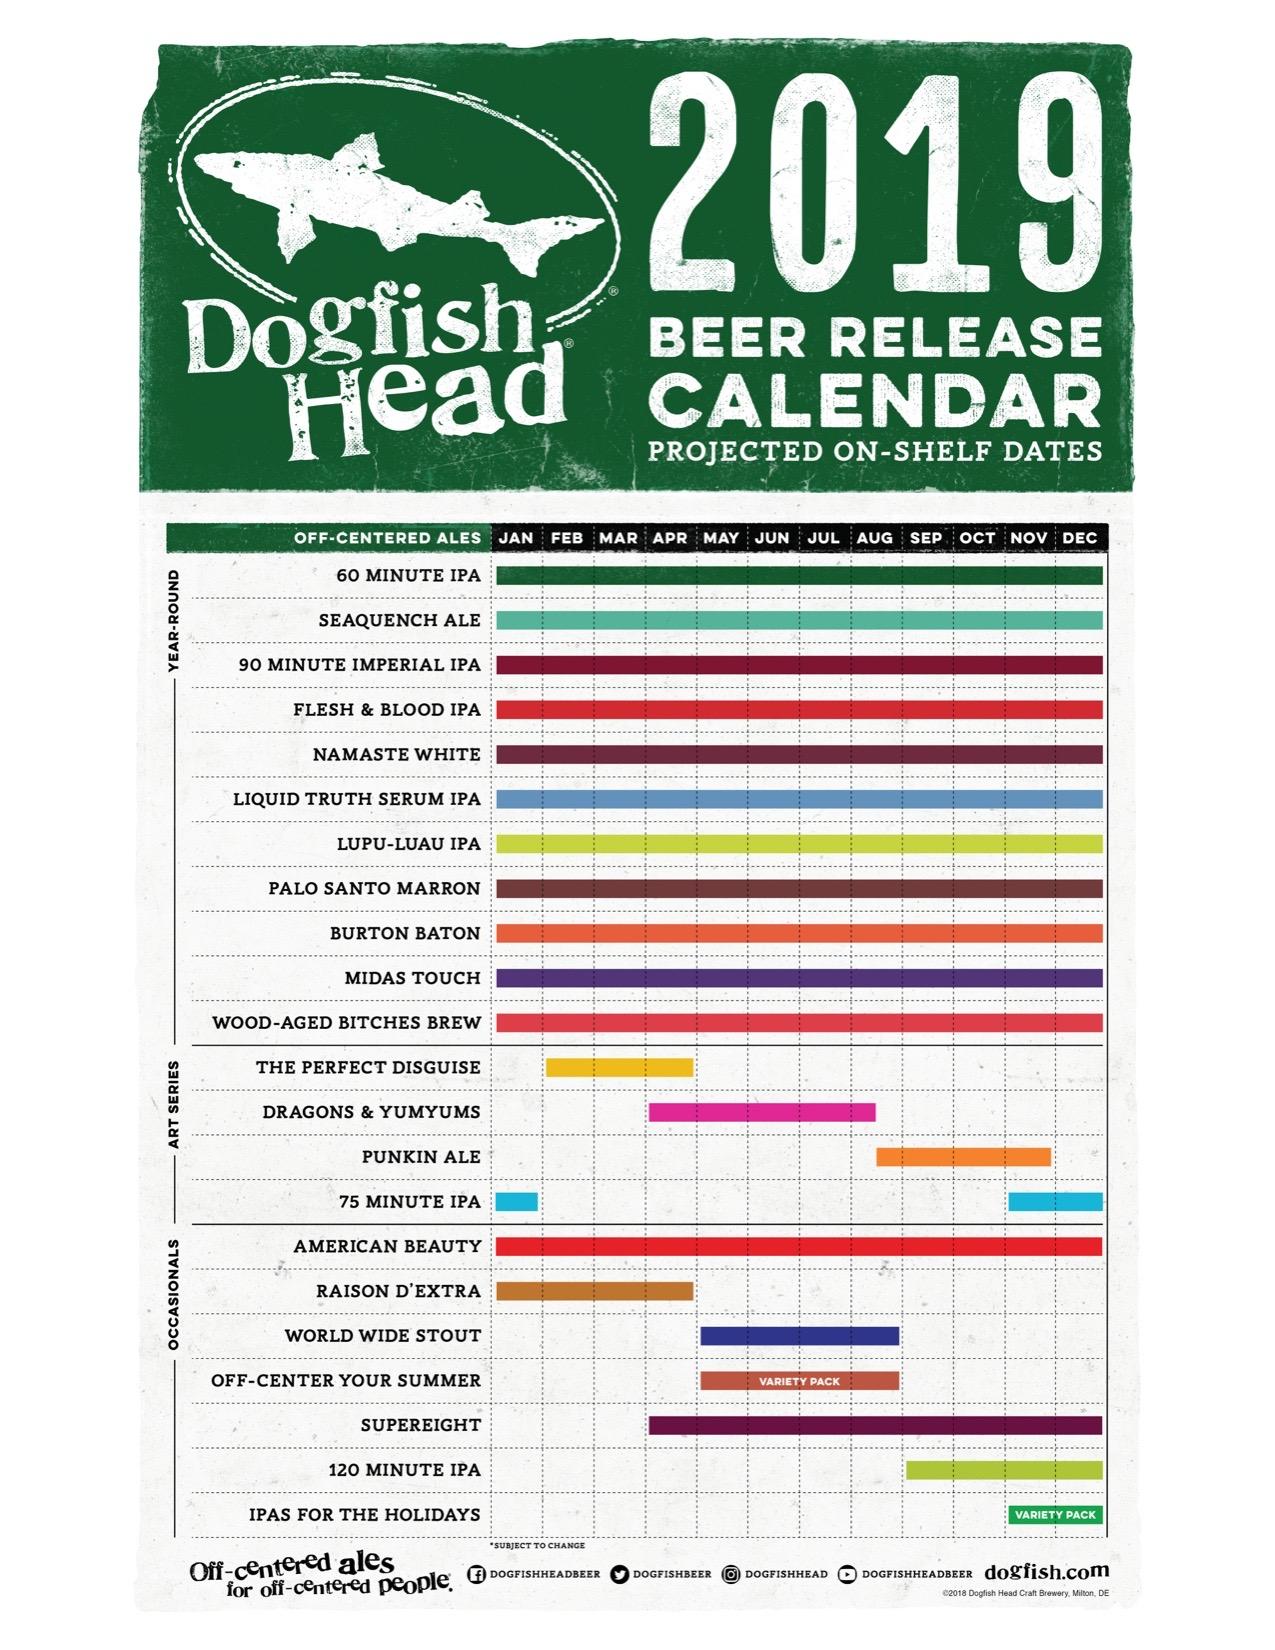 2019 Dogfish Beer Release Calendar